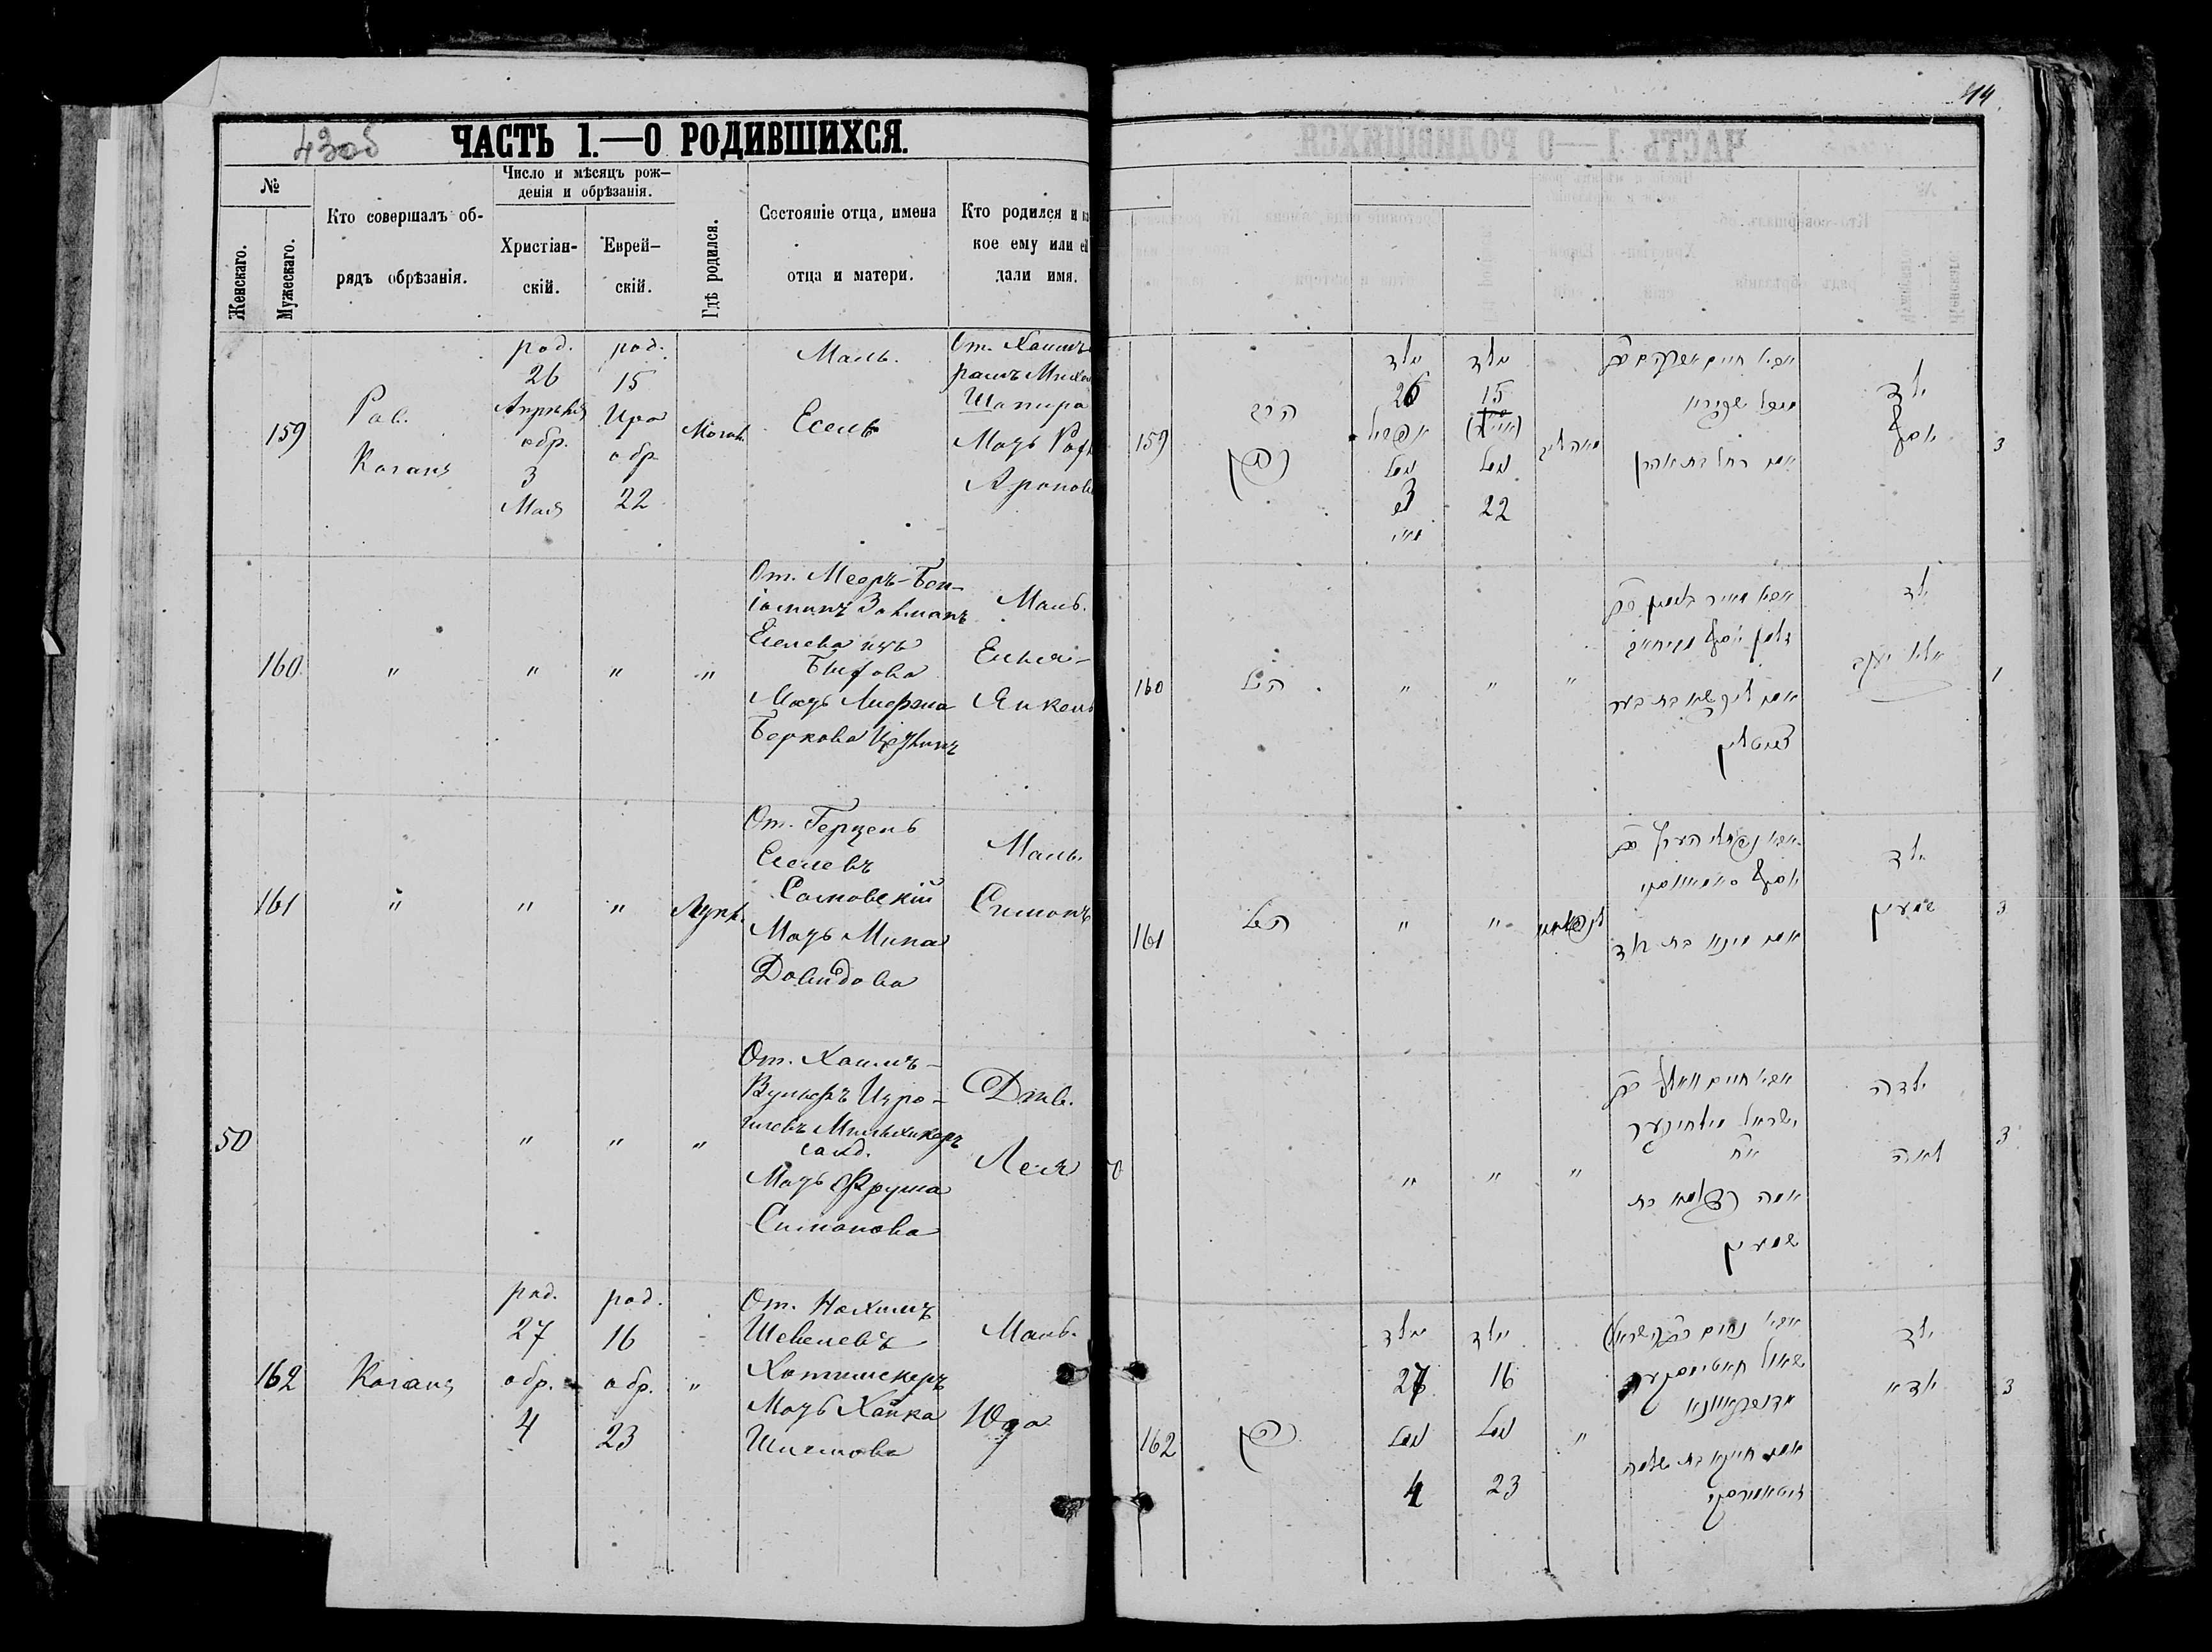 Юда Нохимович Хотимскер 27 апреля 1879, запись 162, пленка 007766481, снимок 931